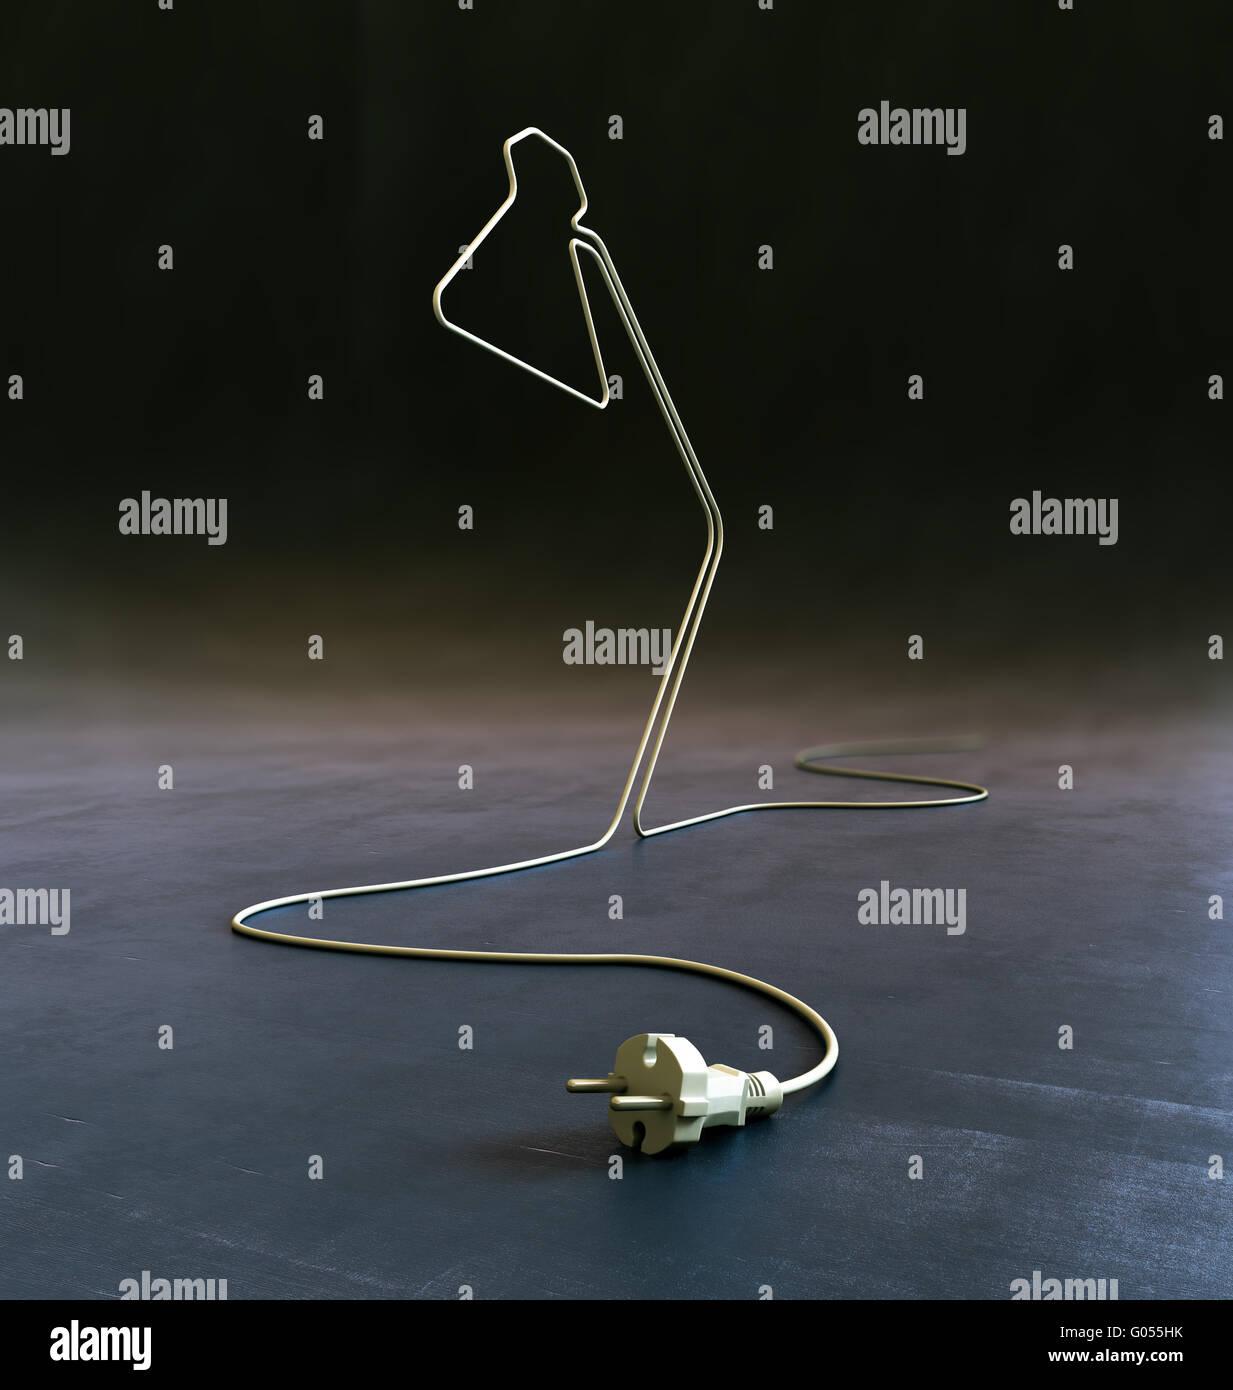 Lampe en forme de cordon électrique - énergie et créativité concept Photo Stock